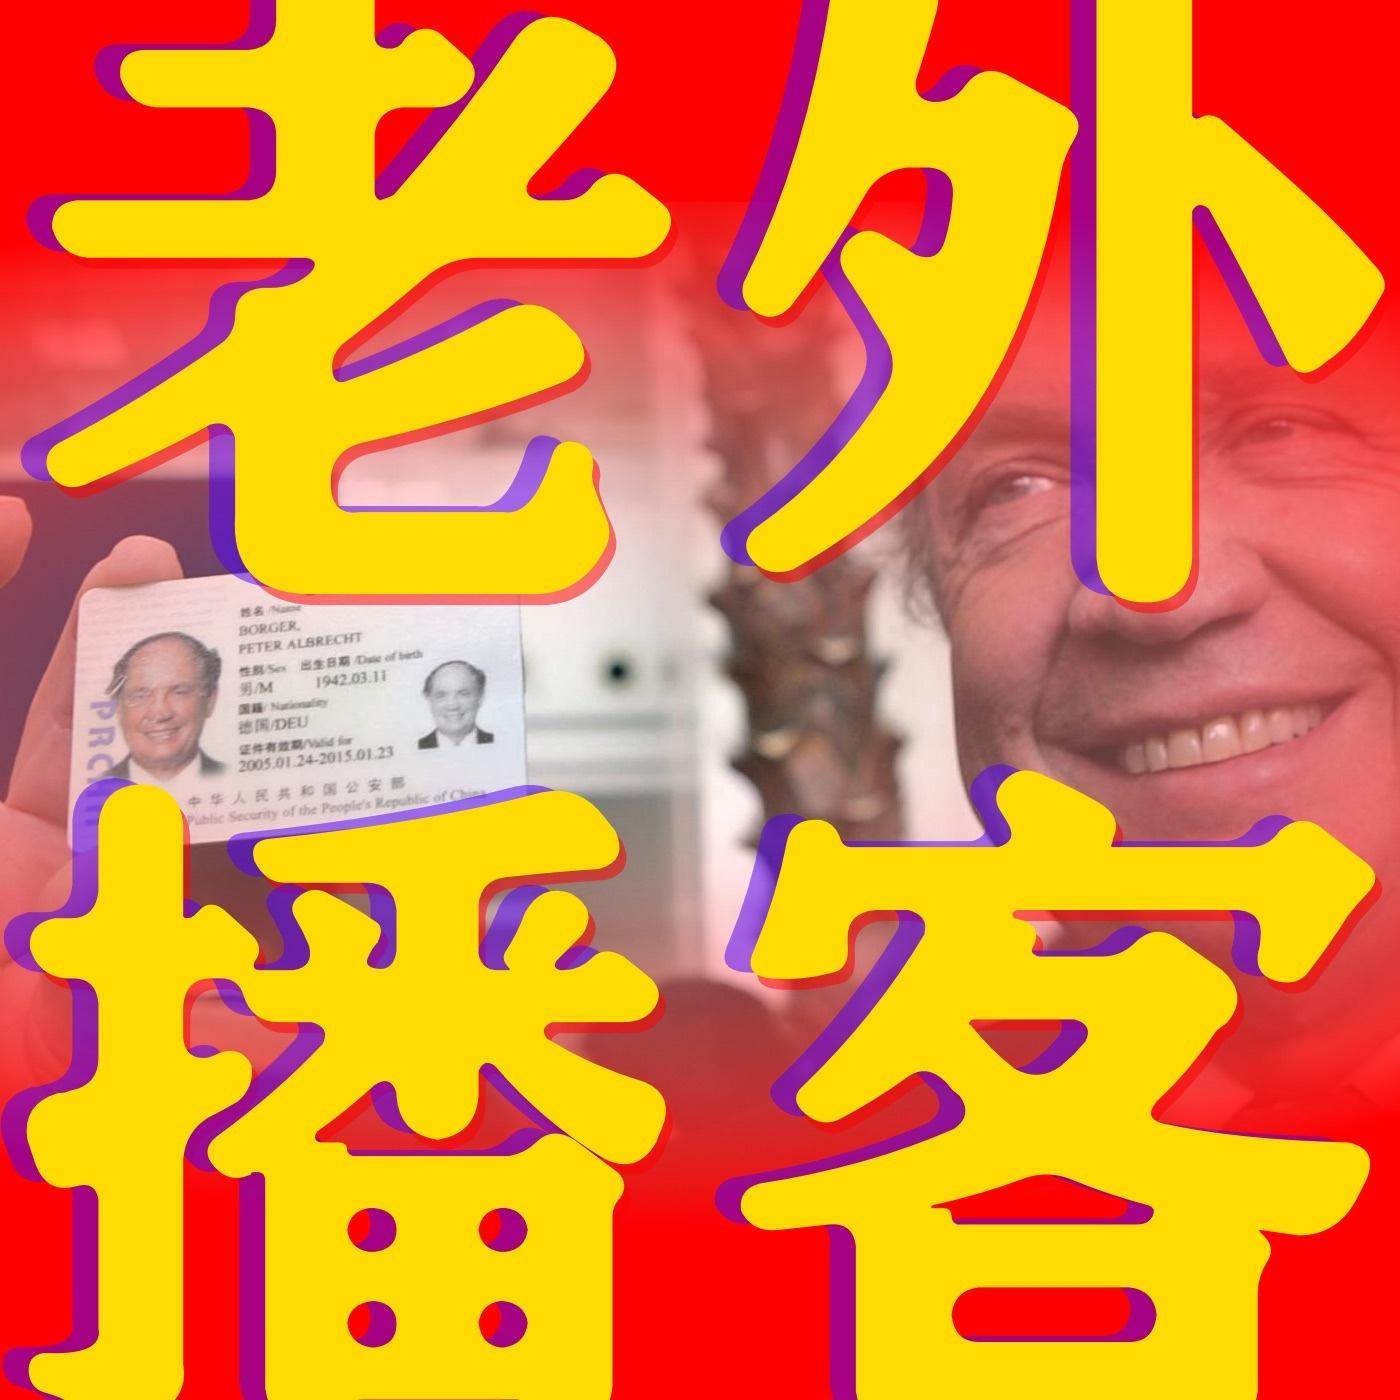 «Заморский мусор тут не нужен». Как получить китайскую грин-карту, ПМЖ и гражданство